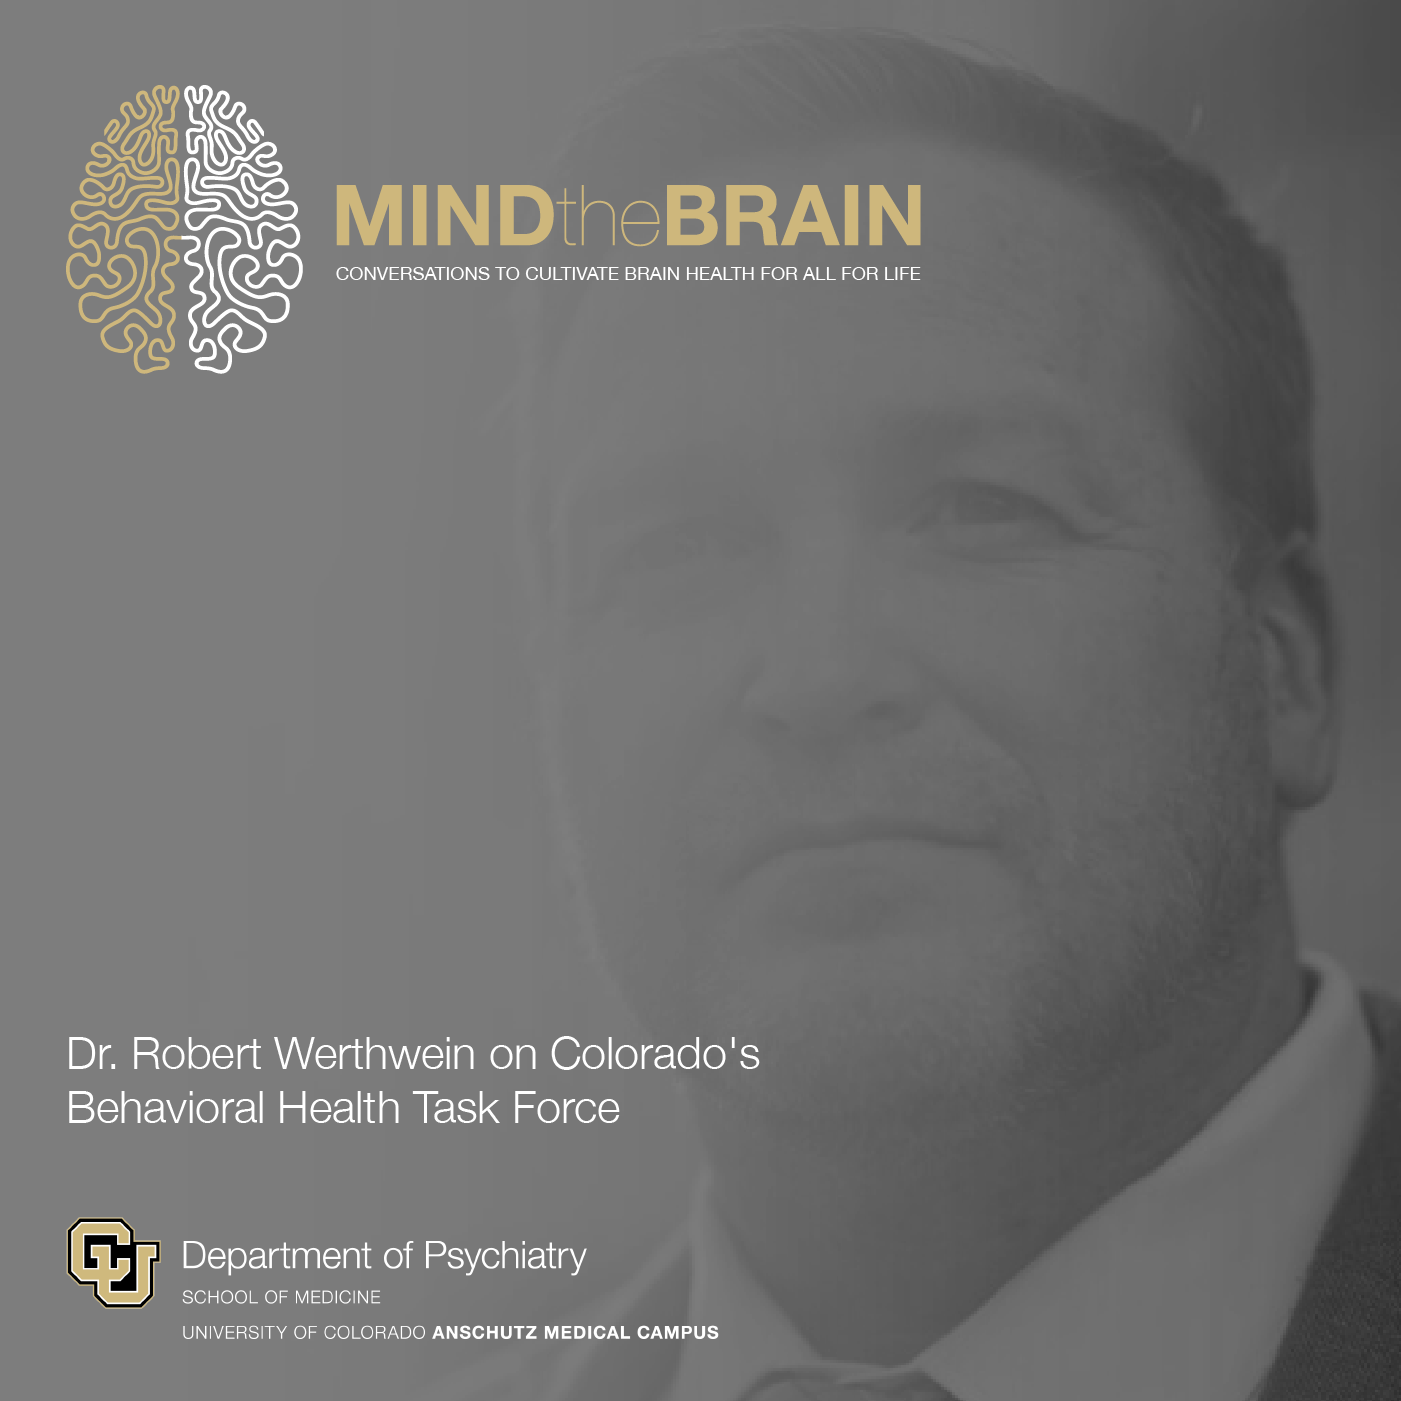 Dr. Robert Werthwein